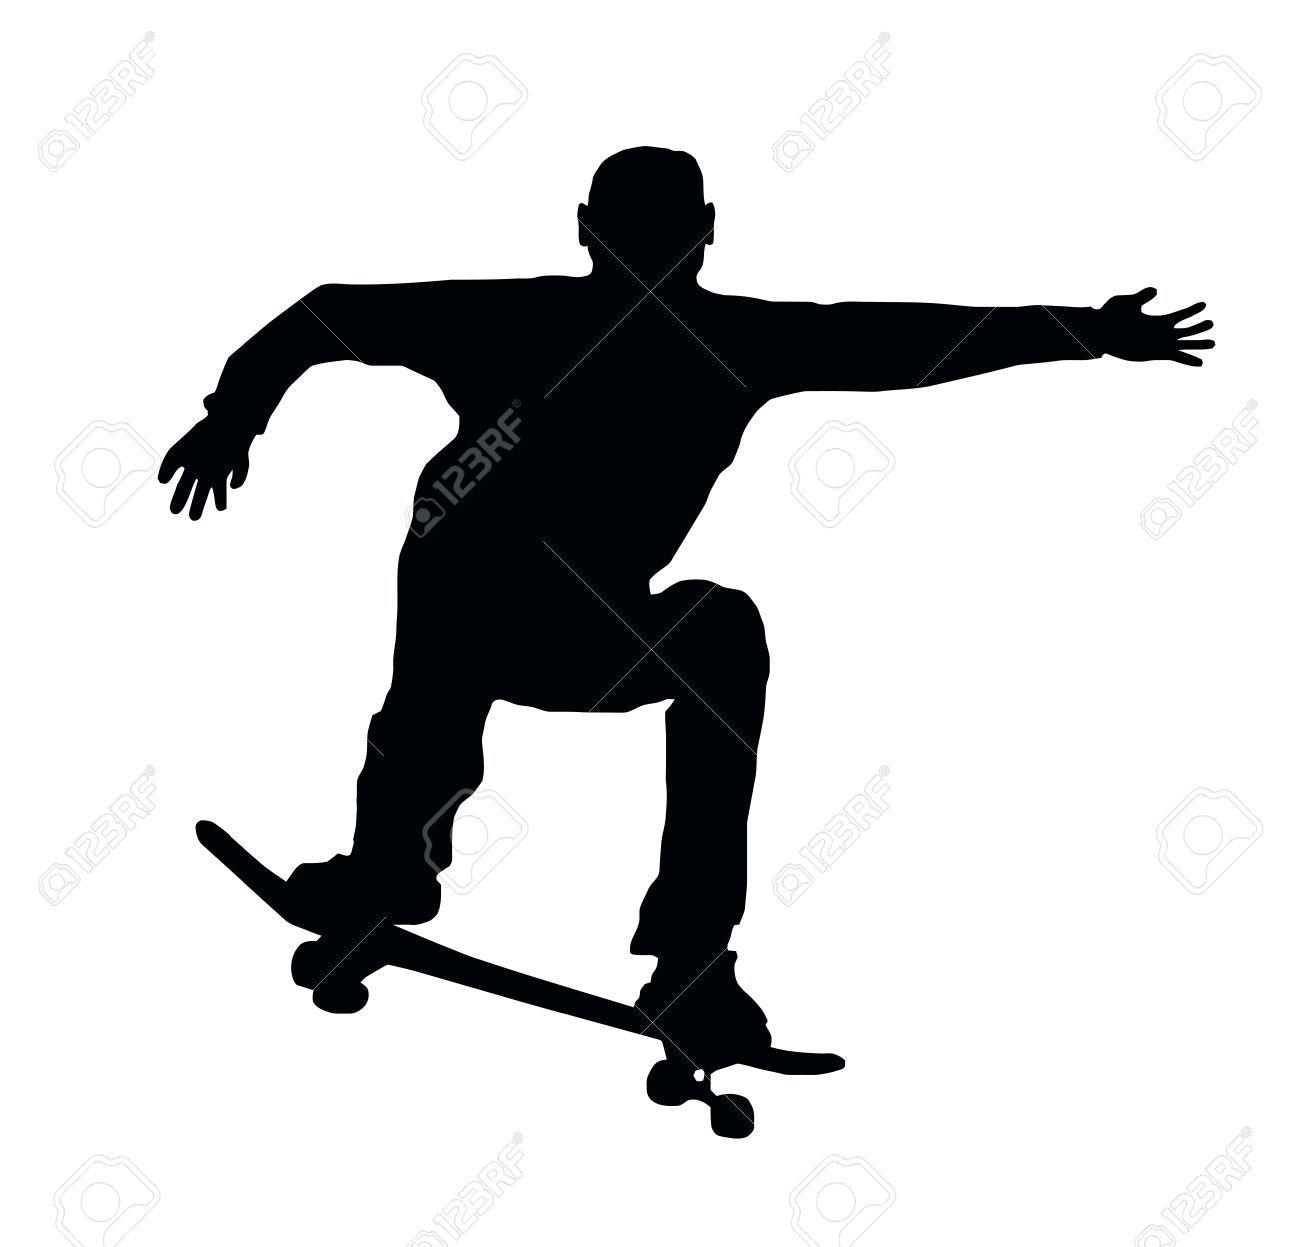 Board Silhouette